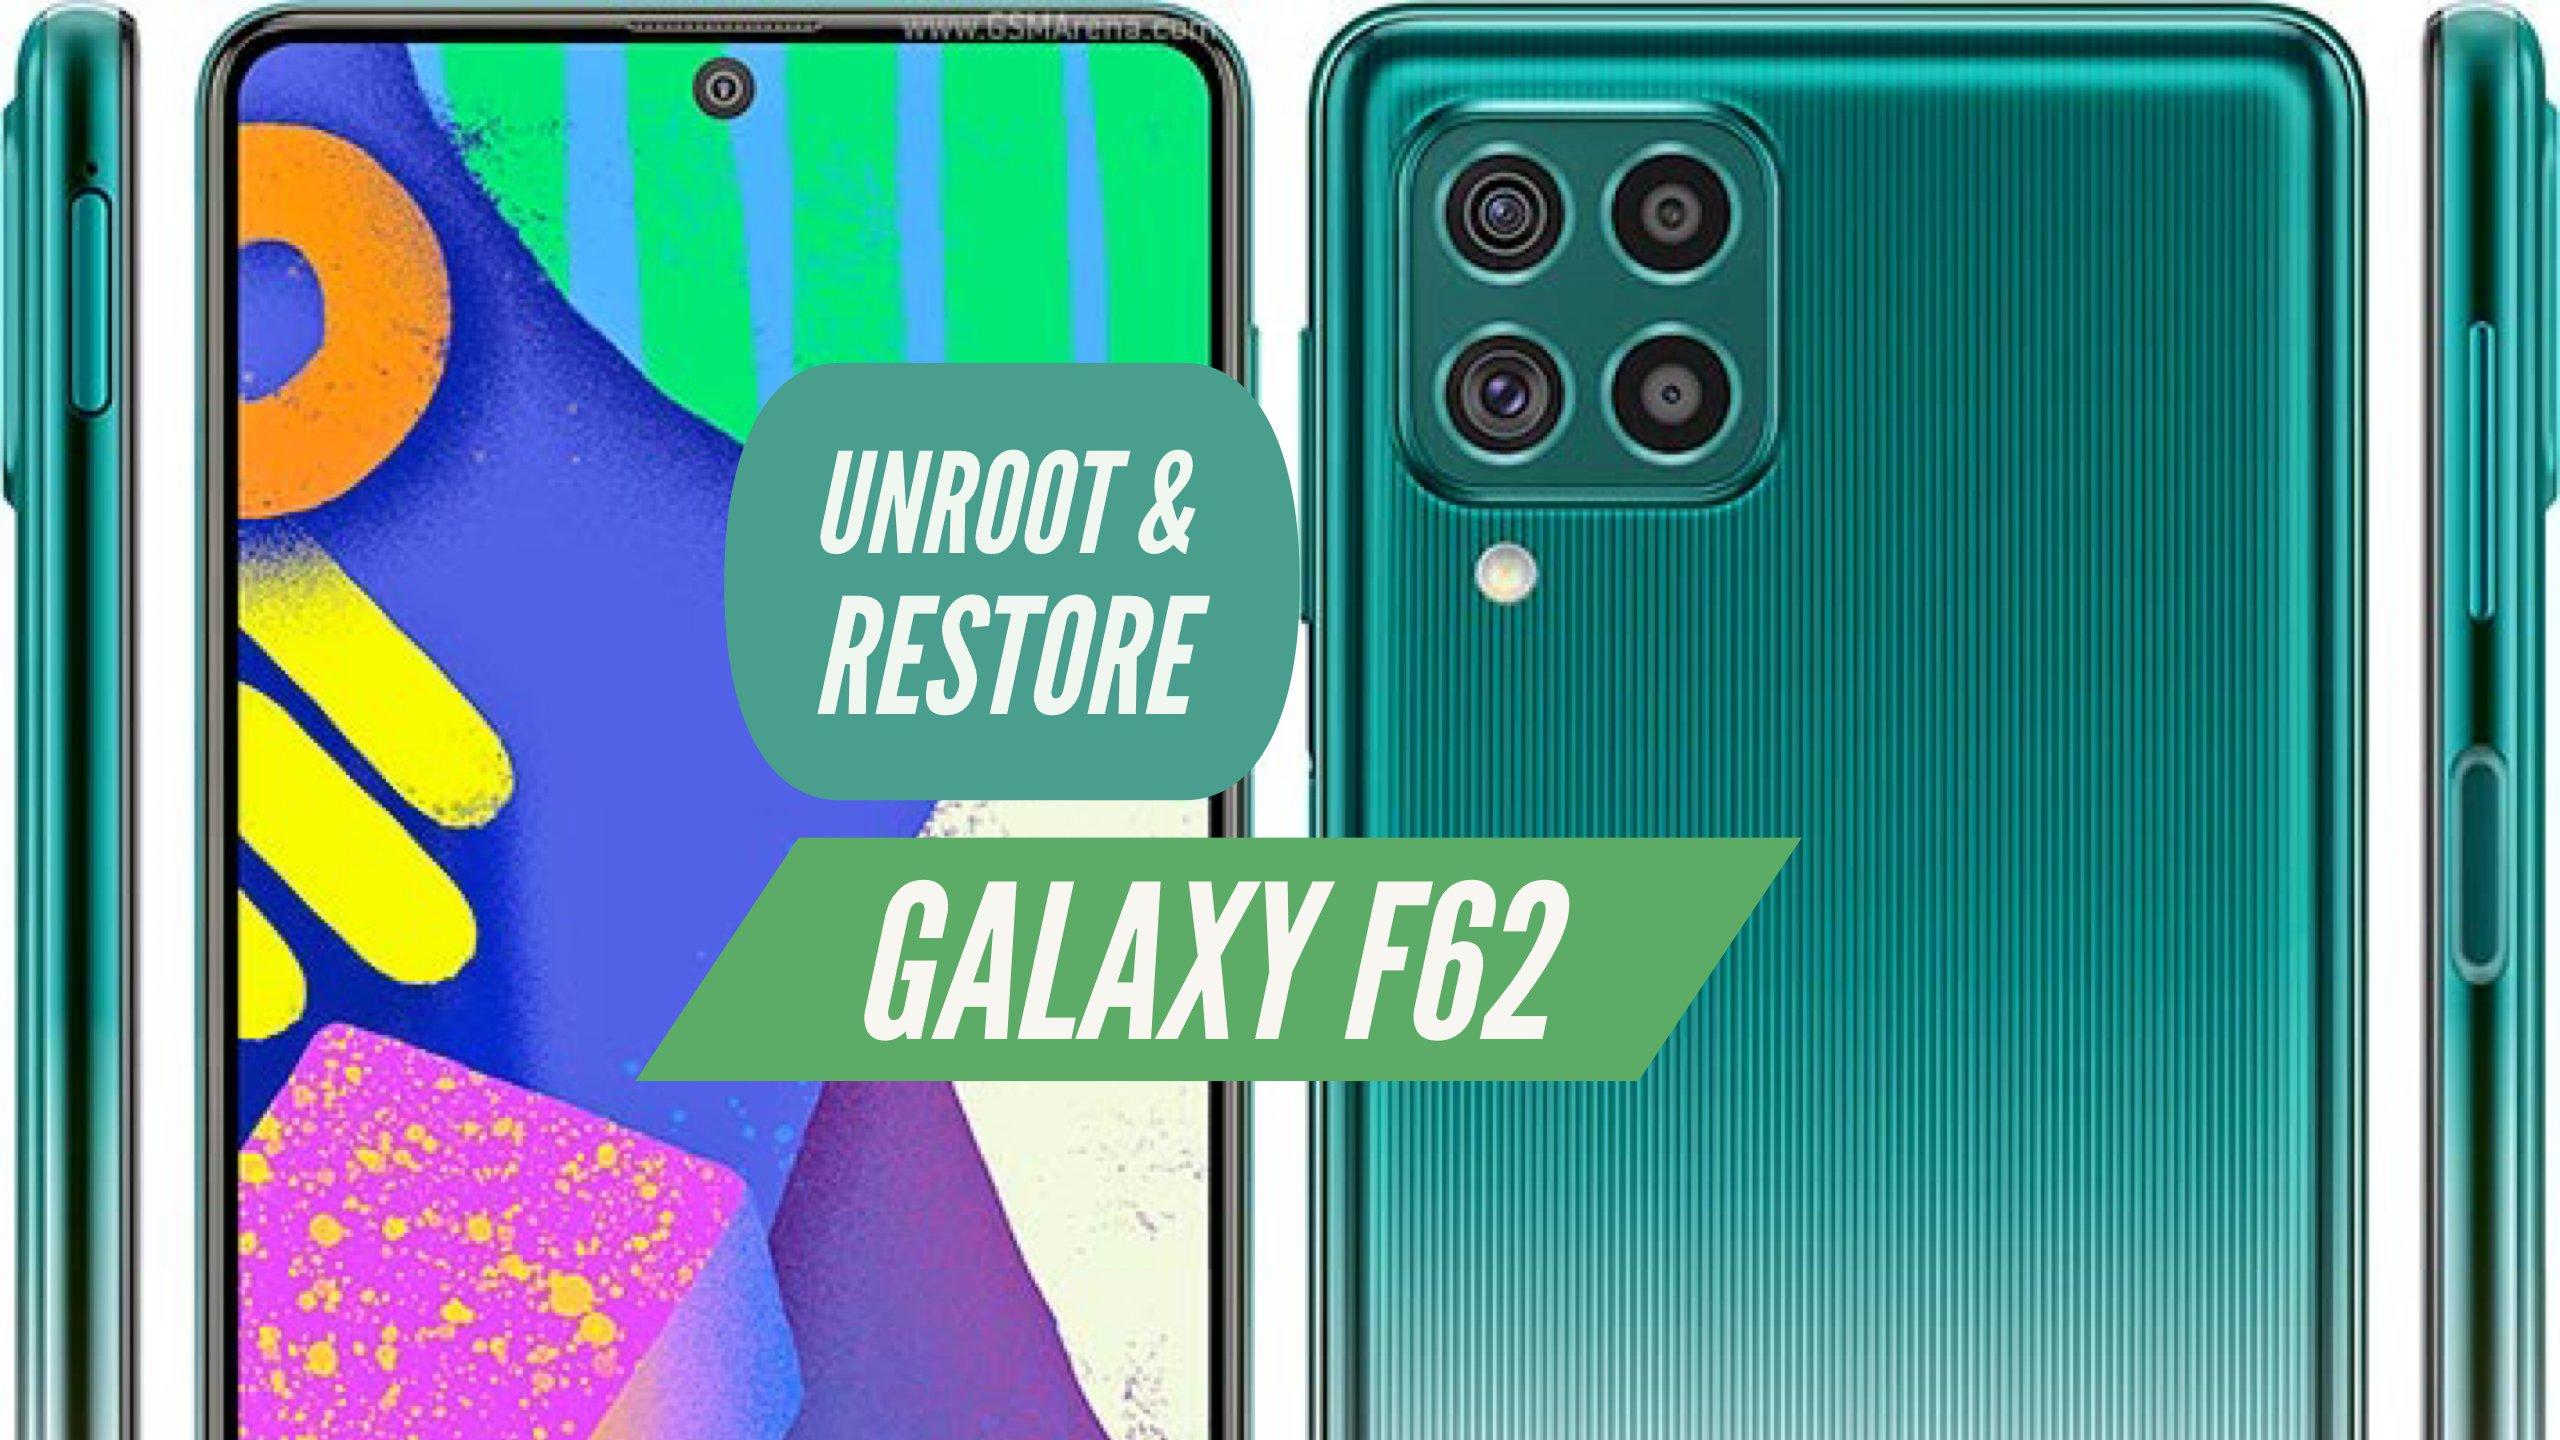 Unroot Galaxy F62 Restore